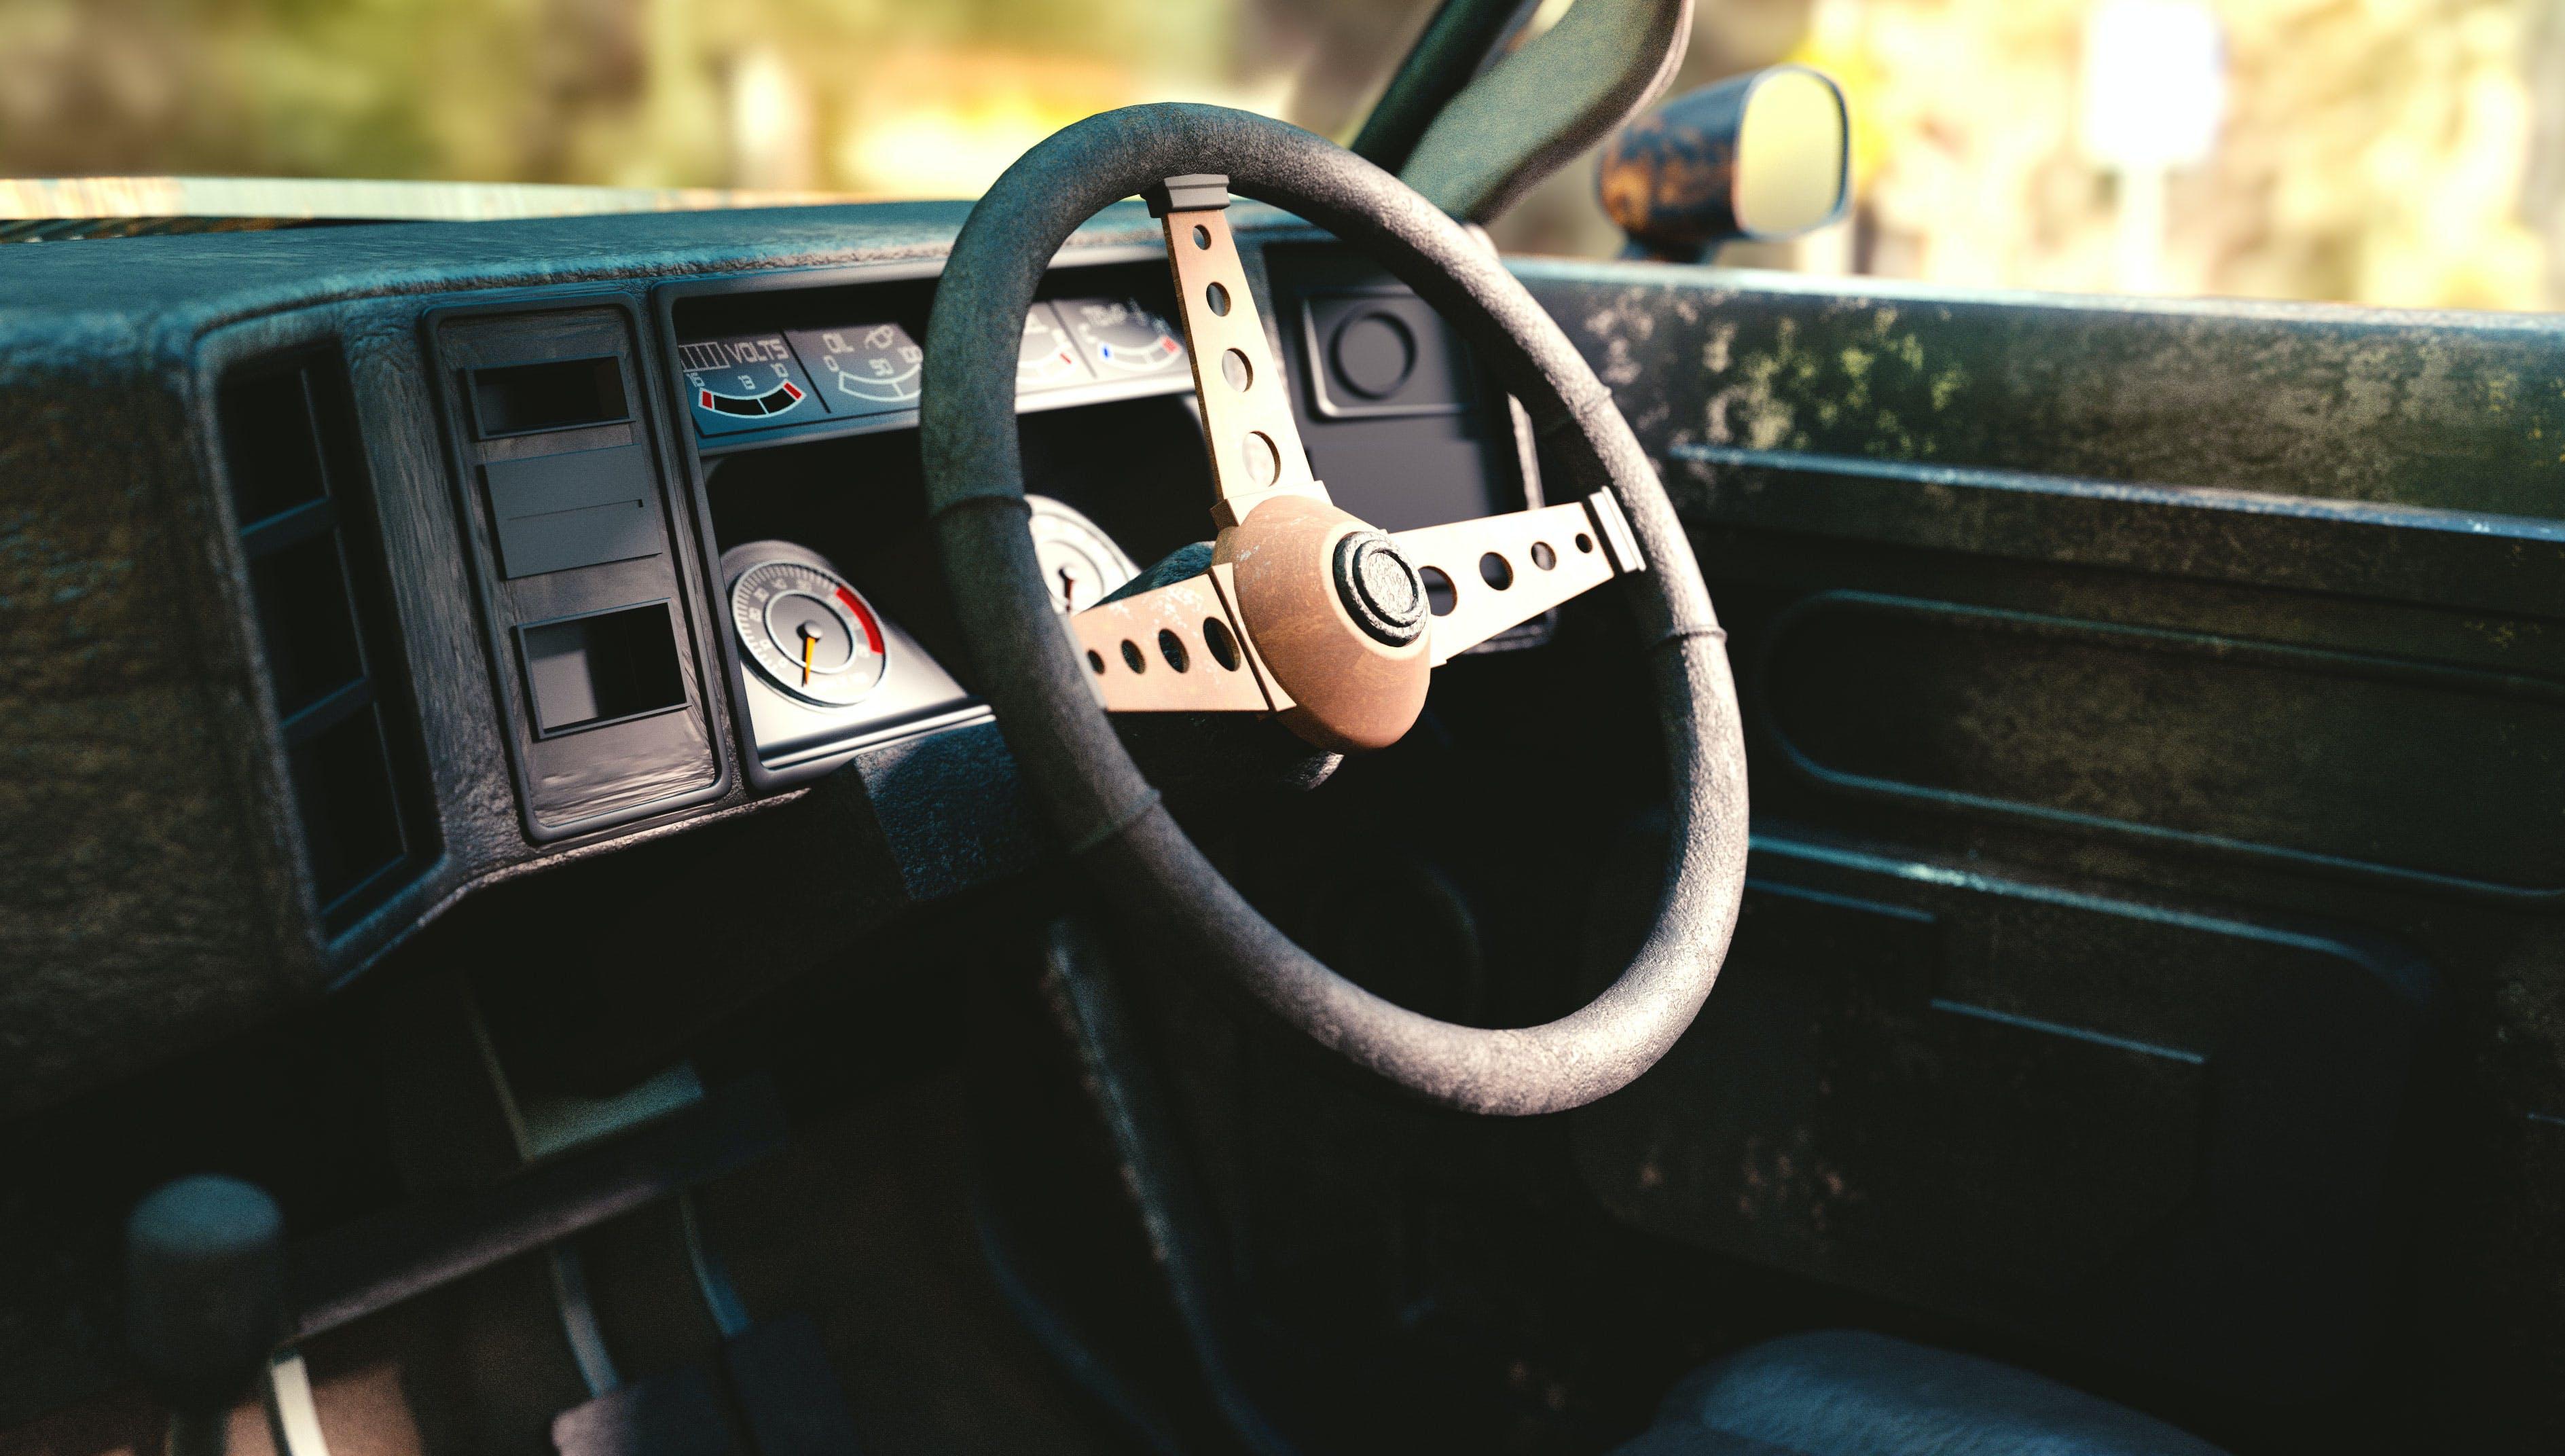 Kostenloses Stock Foto zu auto, fahrt, raster, raster auto